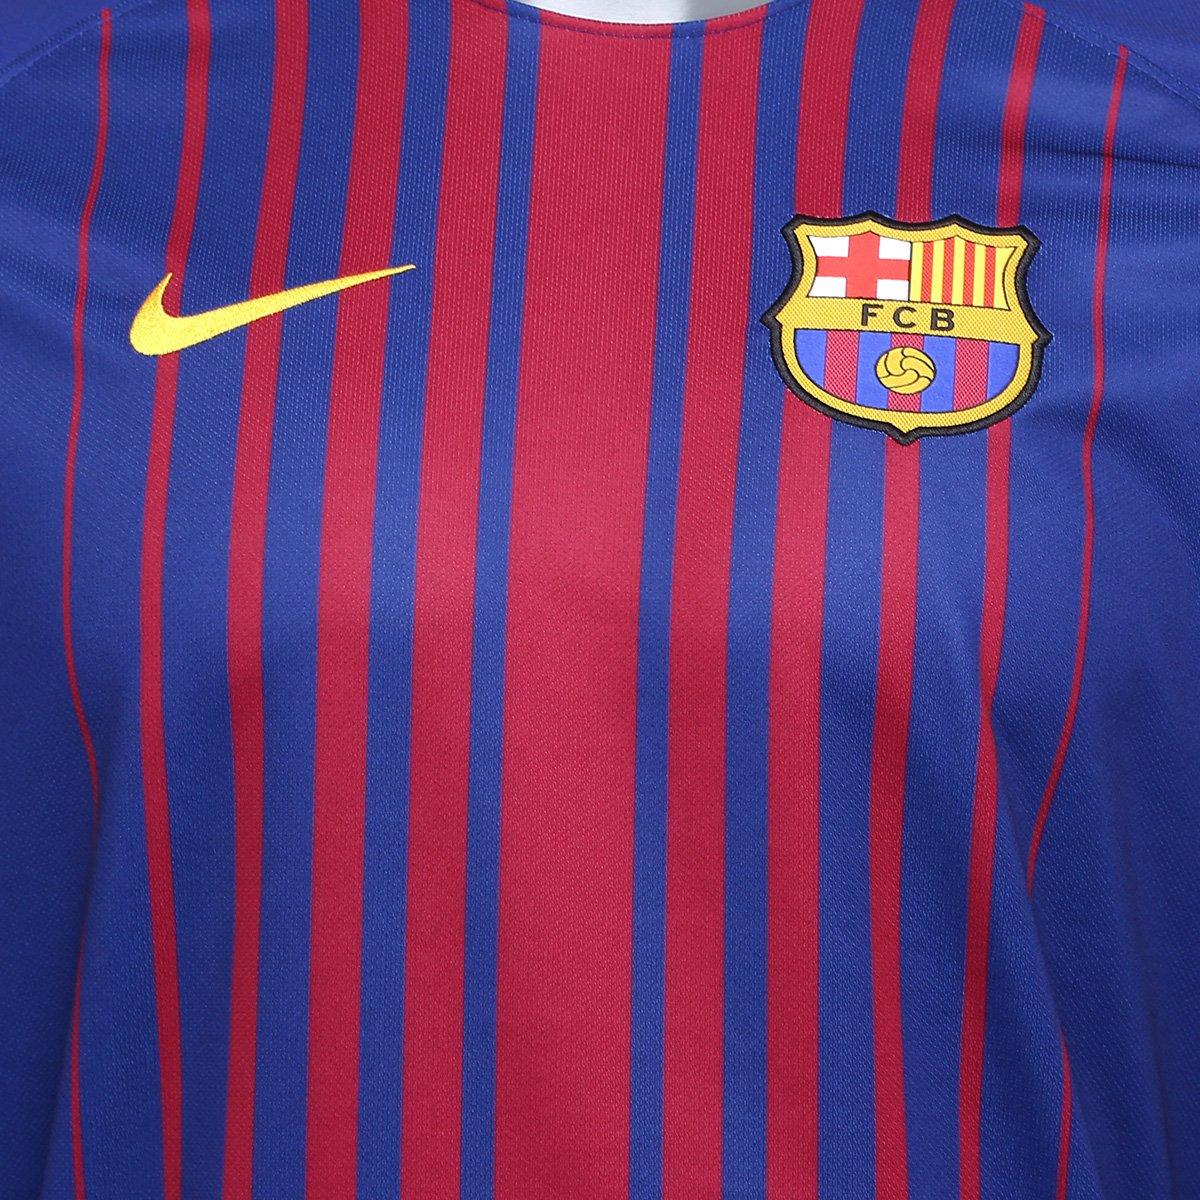 Camisa Barcelona Home 17 18 s nº Torcedor Nike Masculina - Compre ... e0b81c2690b5d